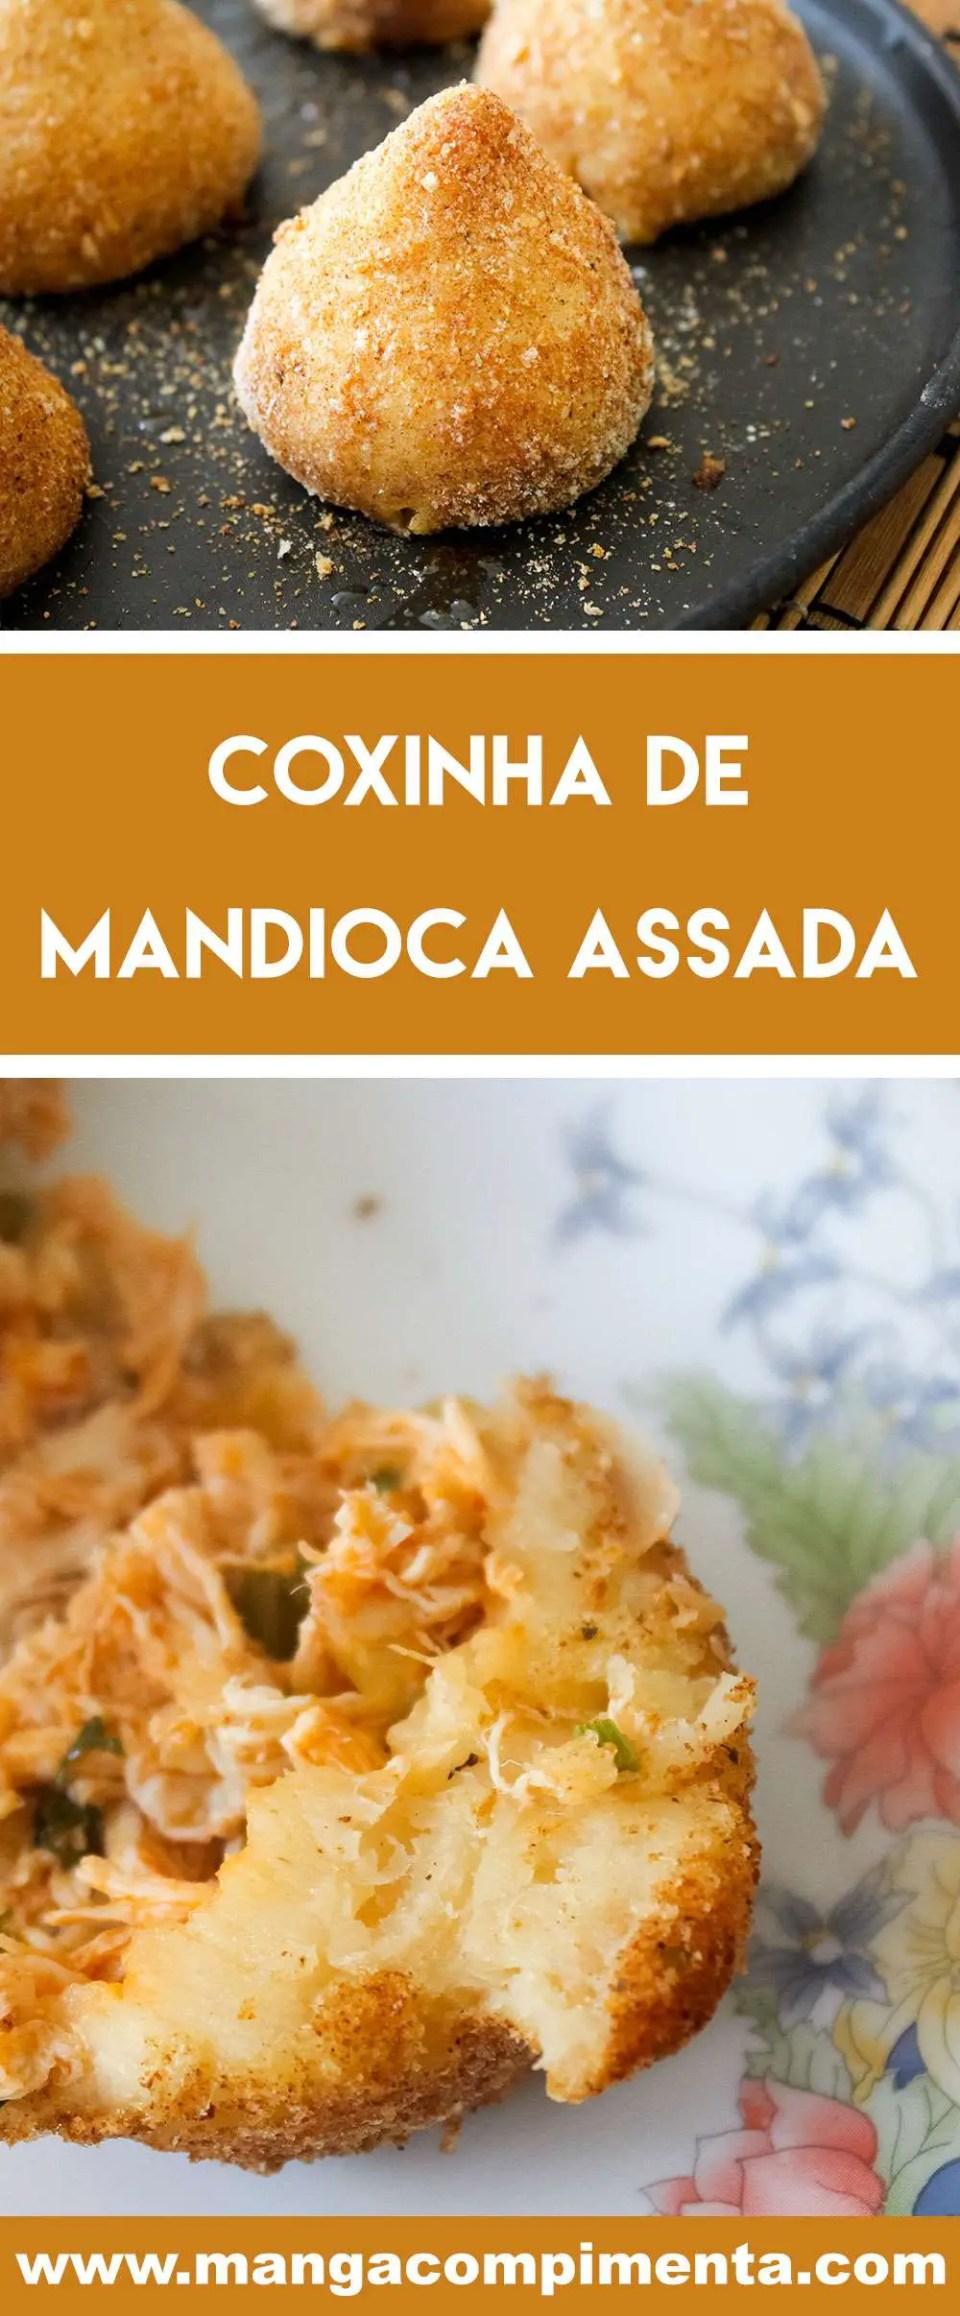 Receita de Coxinha de Mandioca Assada - um salgado para lanchar, perfeito para quem está fugindo da fritura.